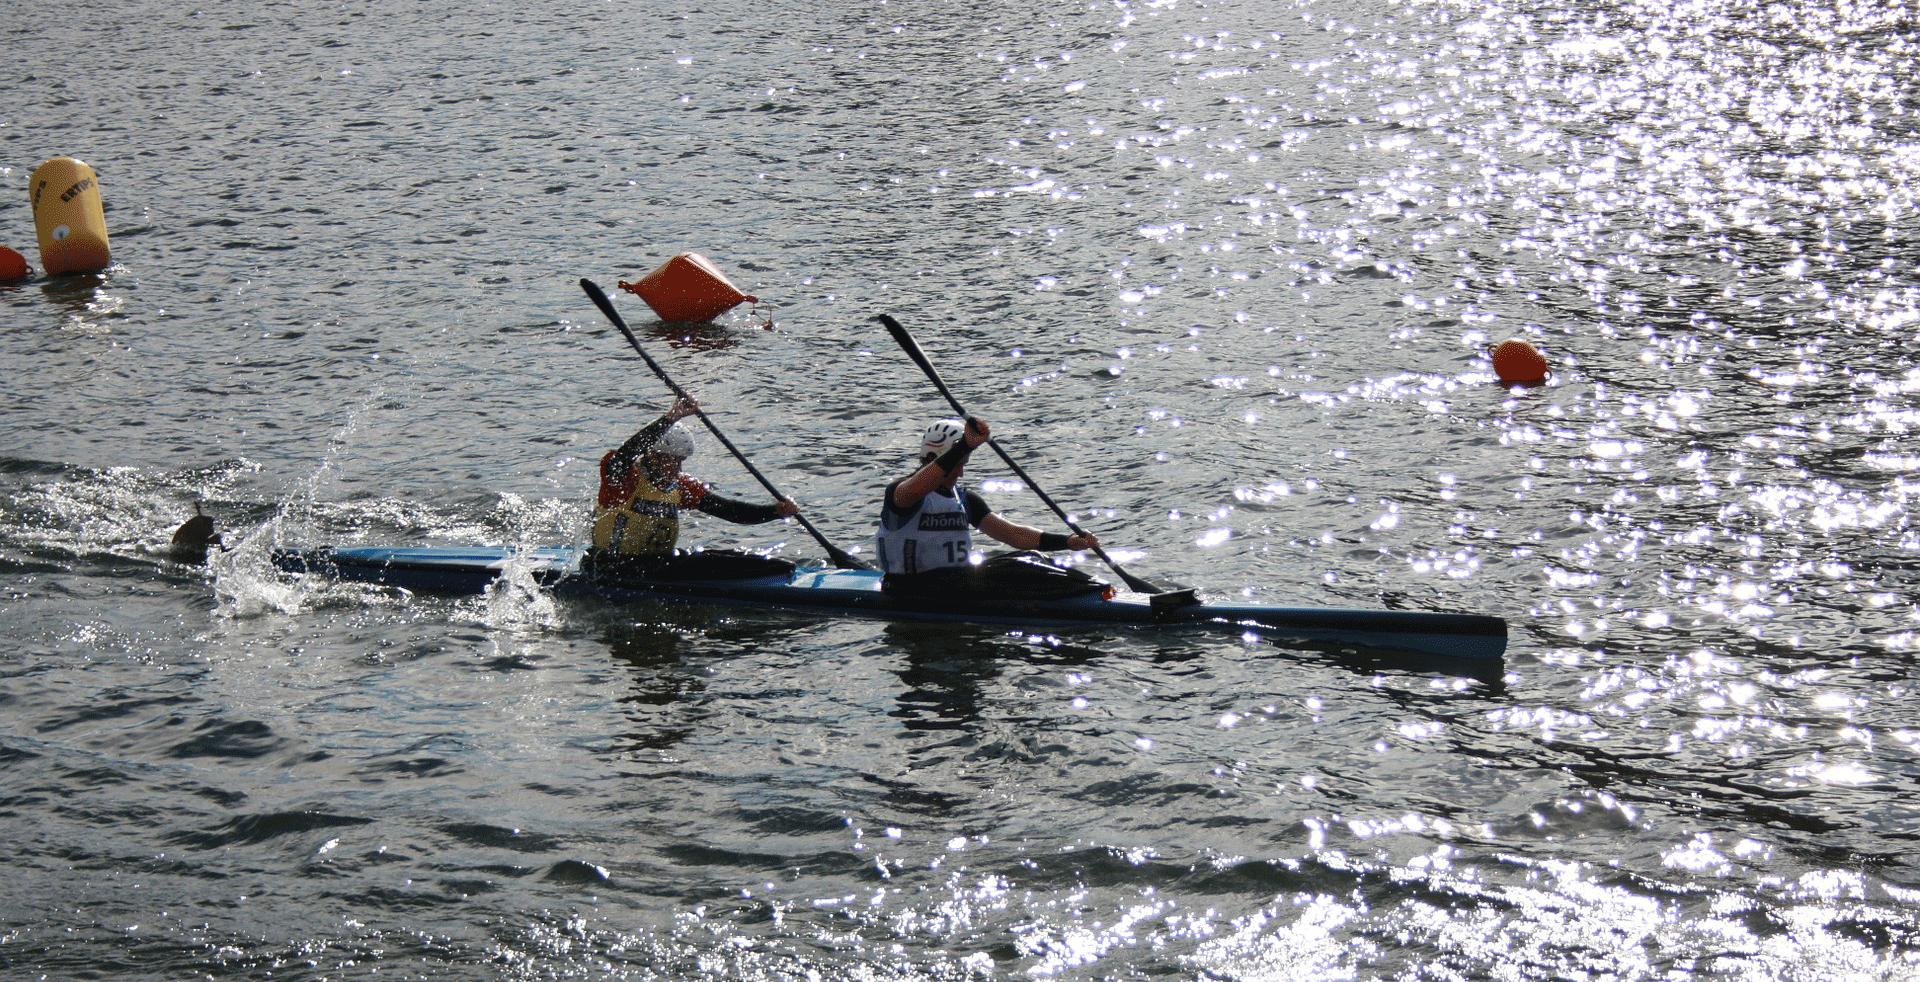 Kanu-Rennsport